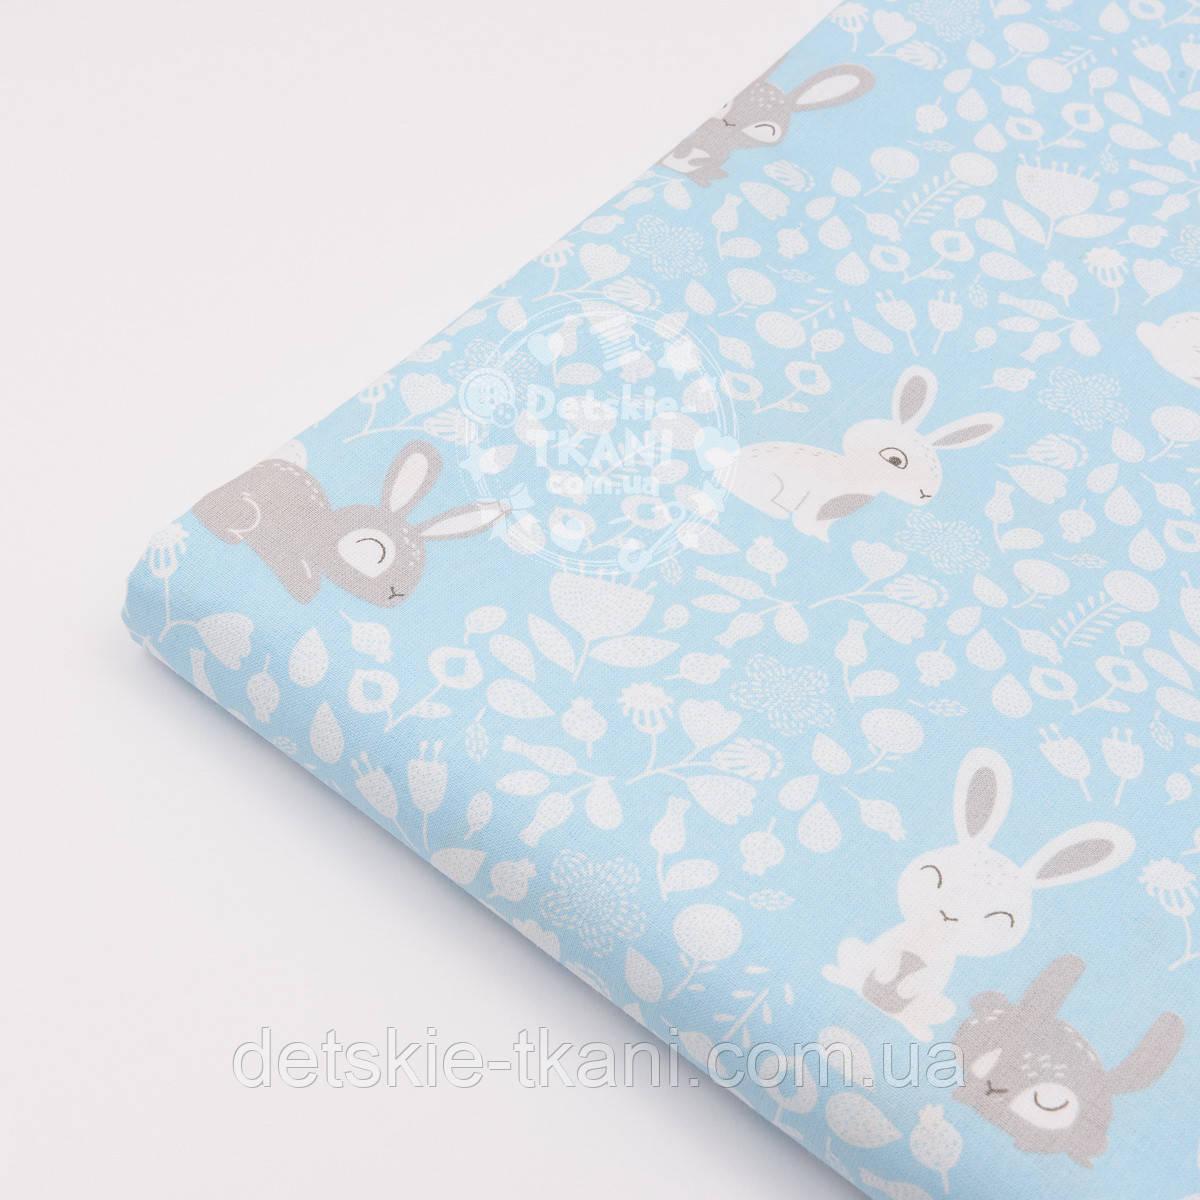 Лоскут ткани с белыми и серыми кроликами на голубом фоне (№ 1478)